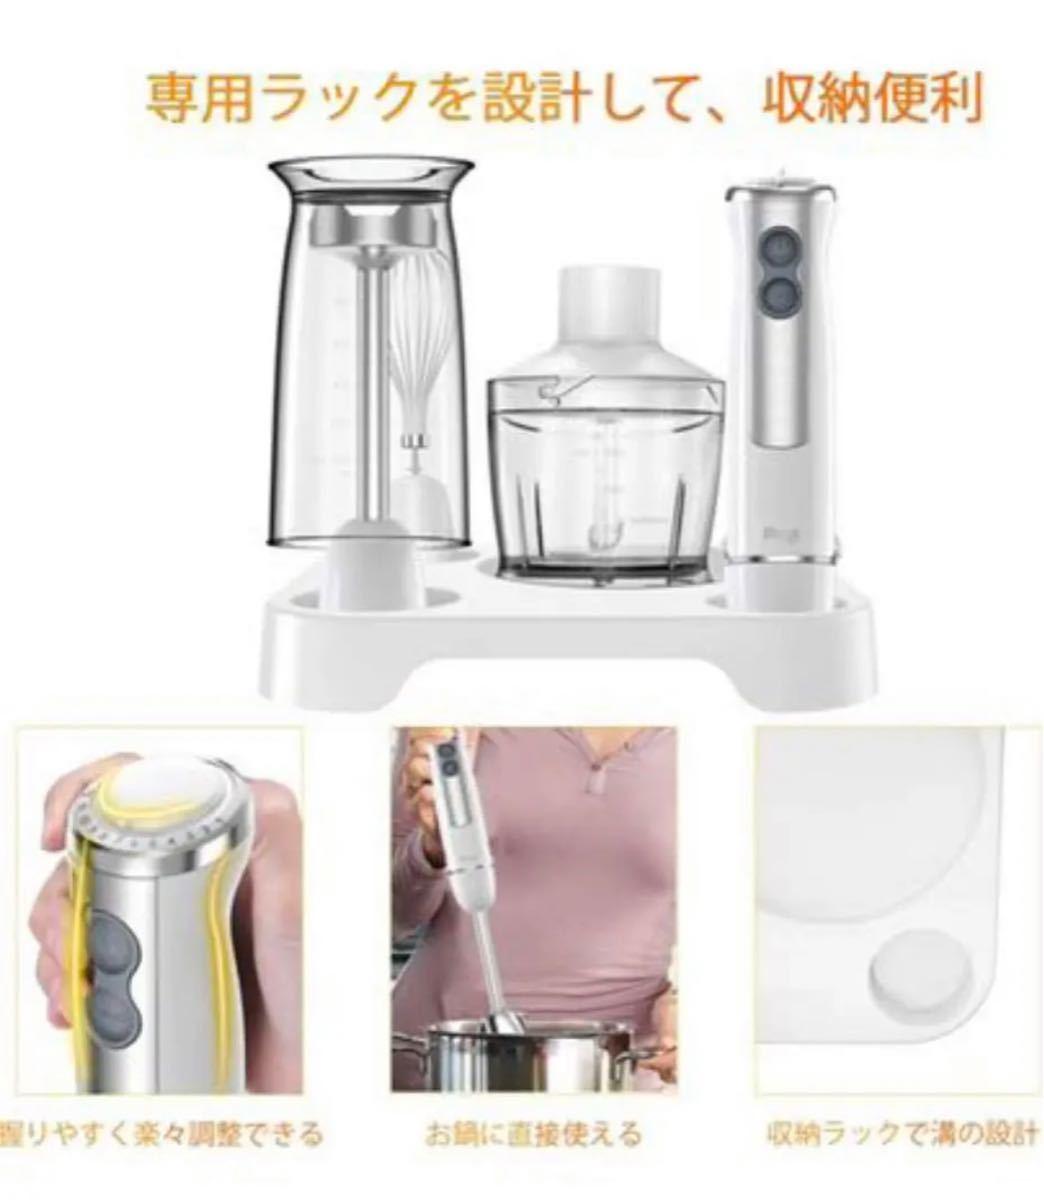 【大特価】 ハンドブレンダー ブレンダー 泡立て器 調理器具 離乳食